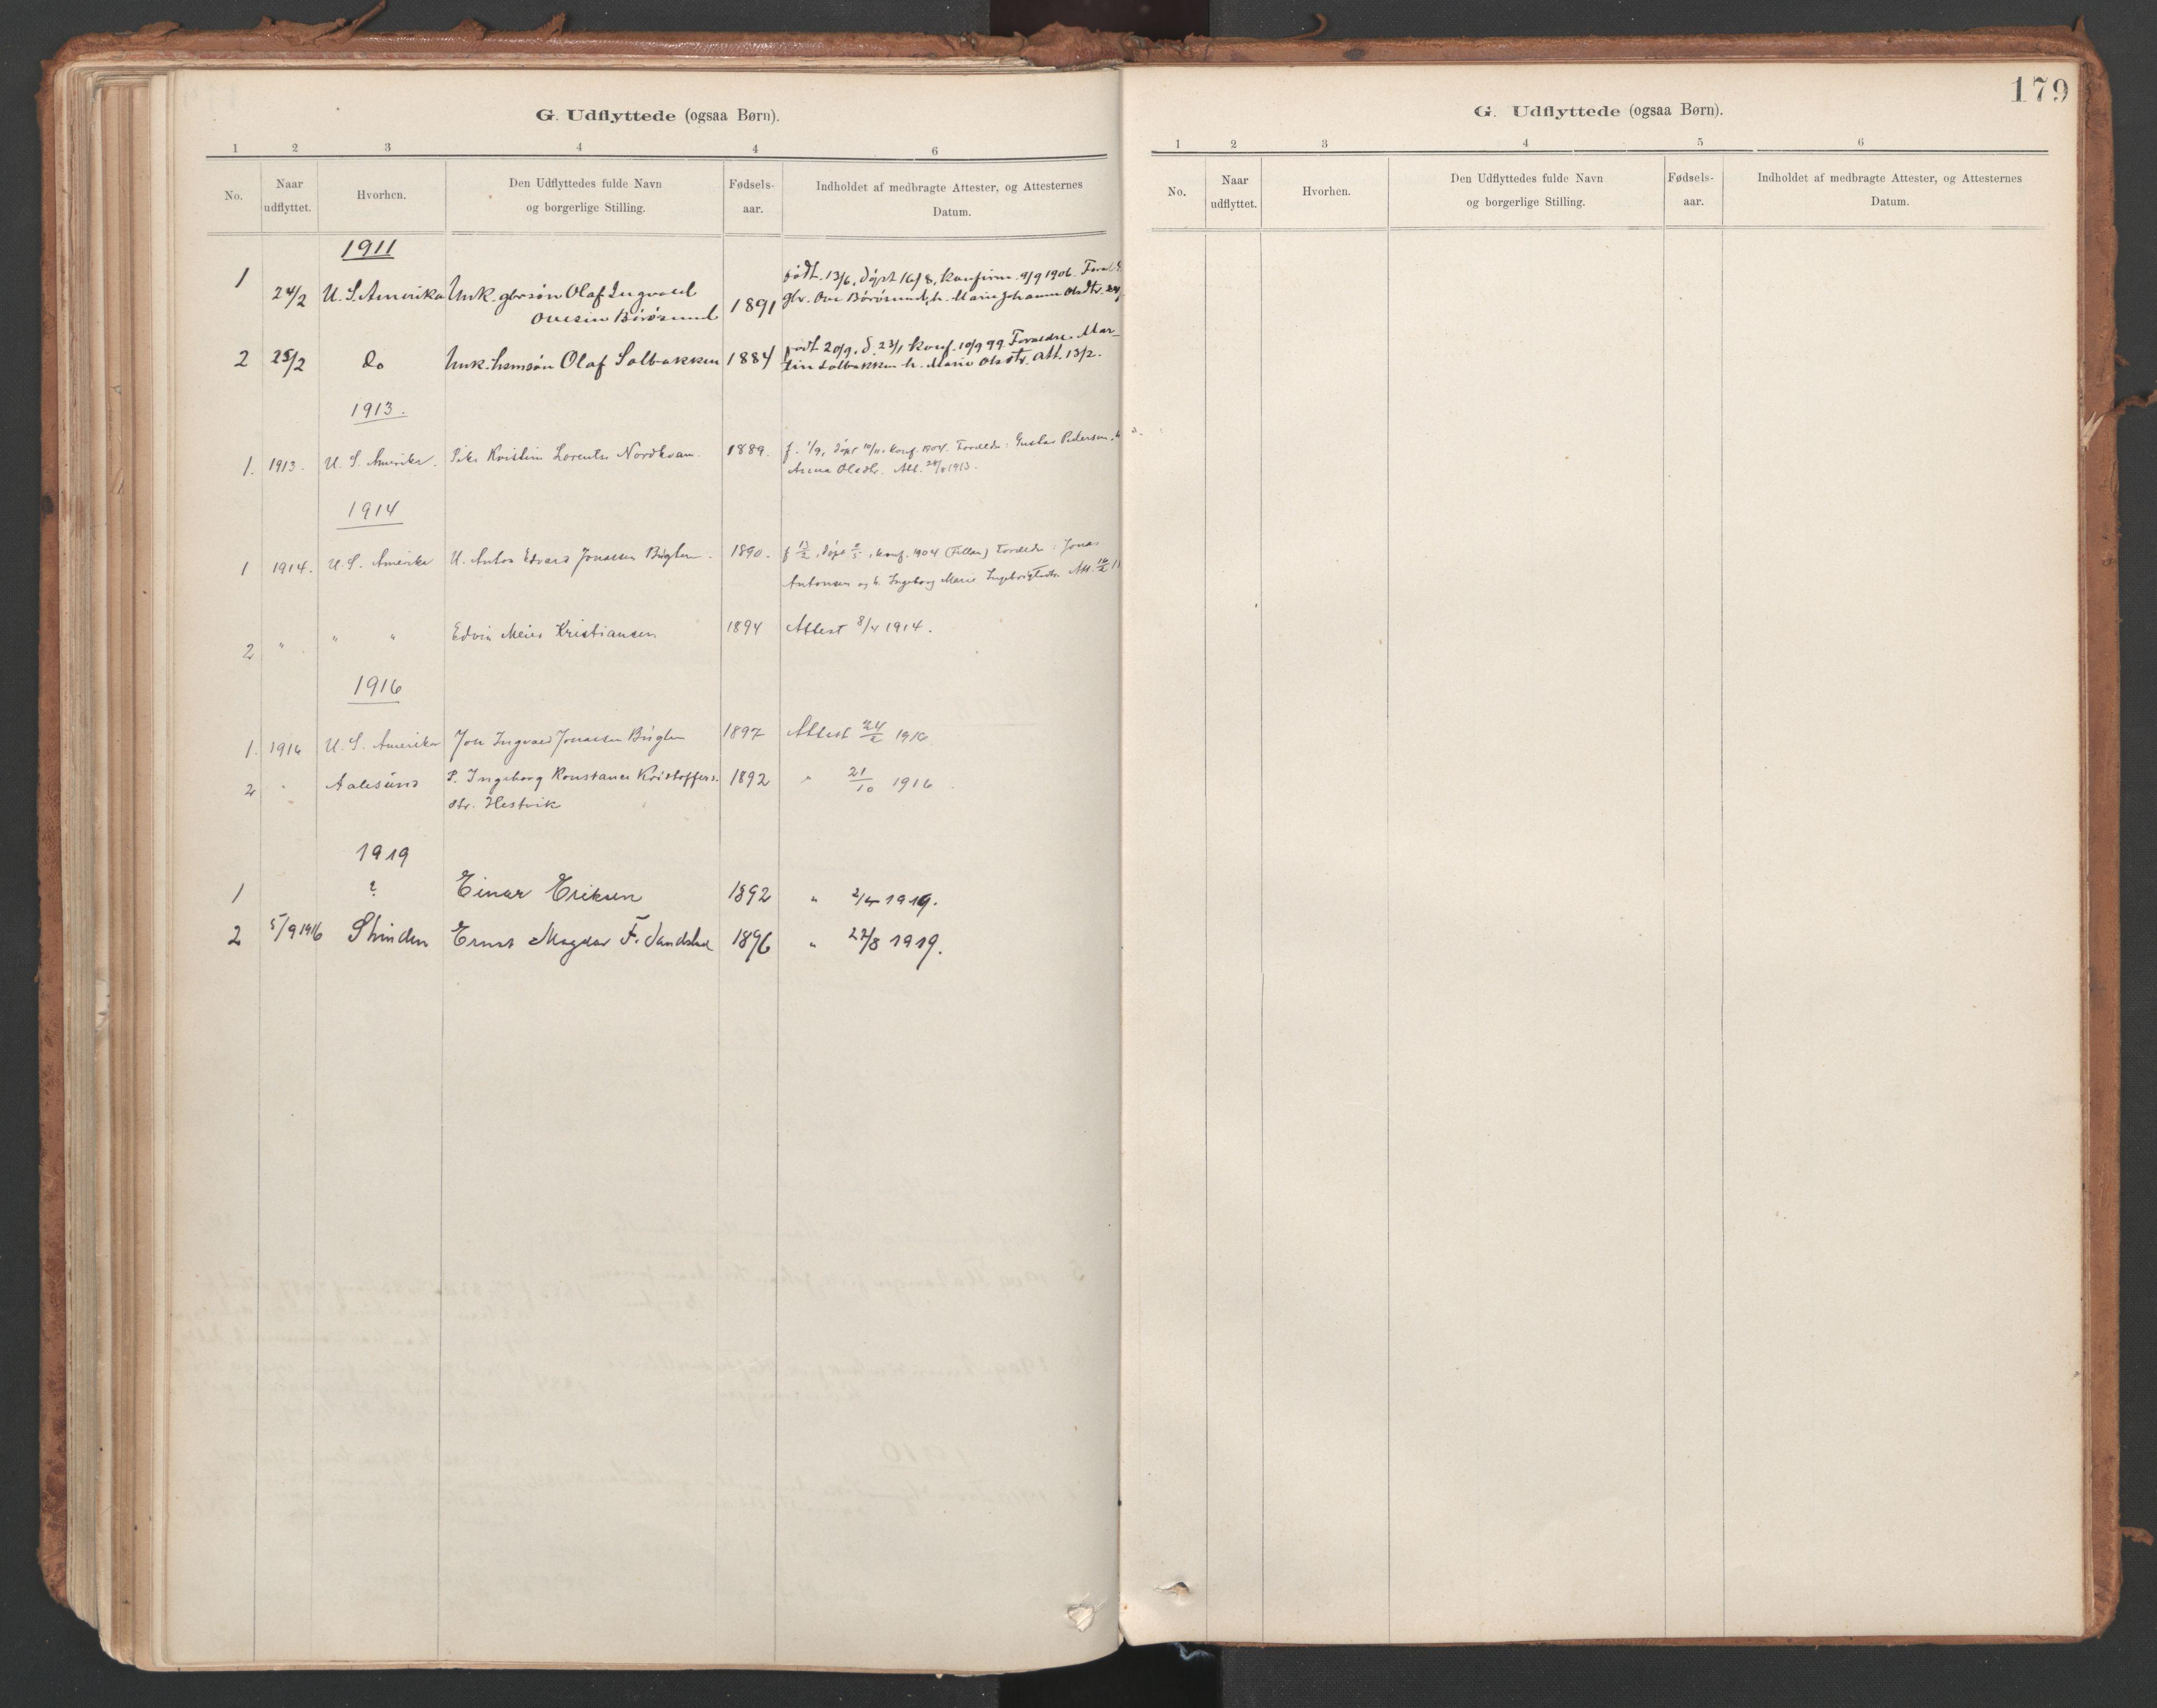 SAT, Ministerialprotokoller, klokkerbøker og fødselsregistre - Sør-Trøndelag, 639/L0572: Ministerialbok nr. 639A01, 1890-1920, s. 179